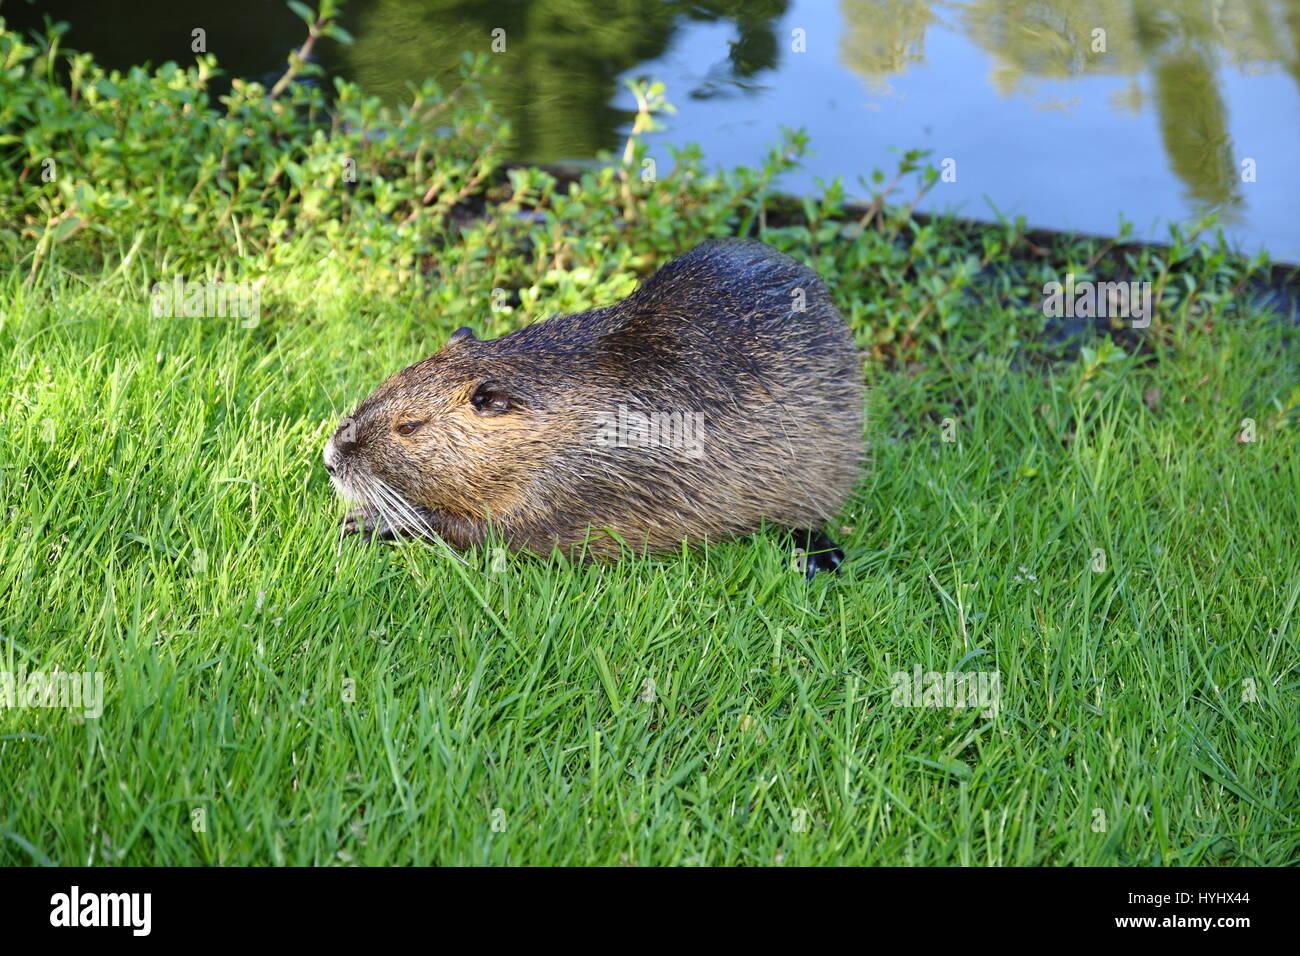 Ein coypu, Nutria frisst Gras auf einer grünen Wiese. Im Hintergrund ist das Wasser von einem Teich zu sehen. - Stock Image